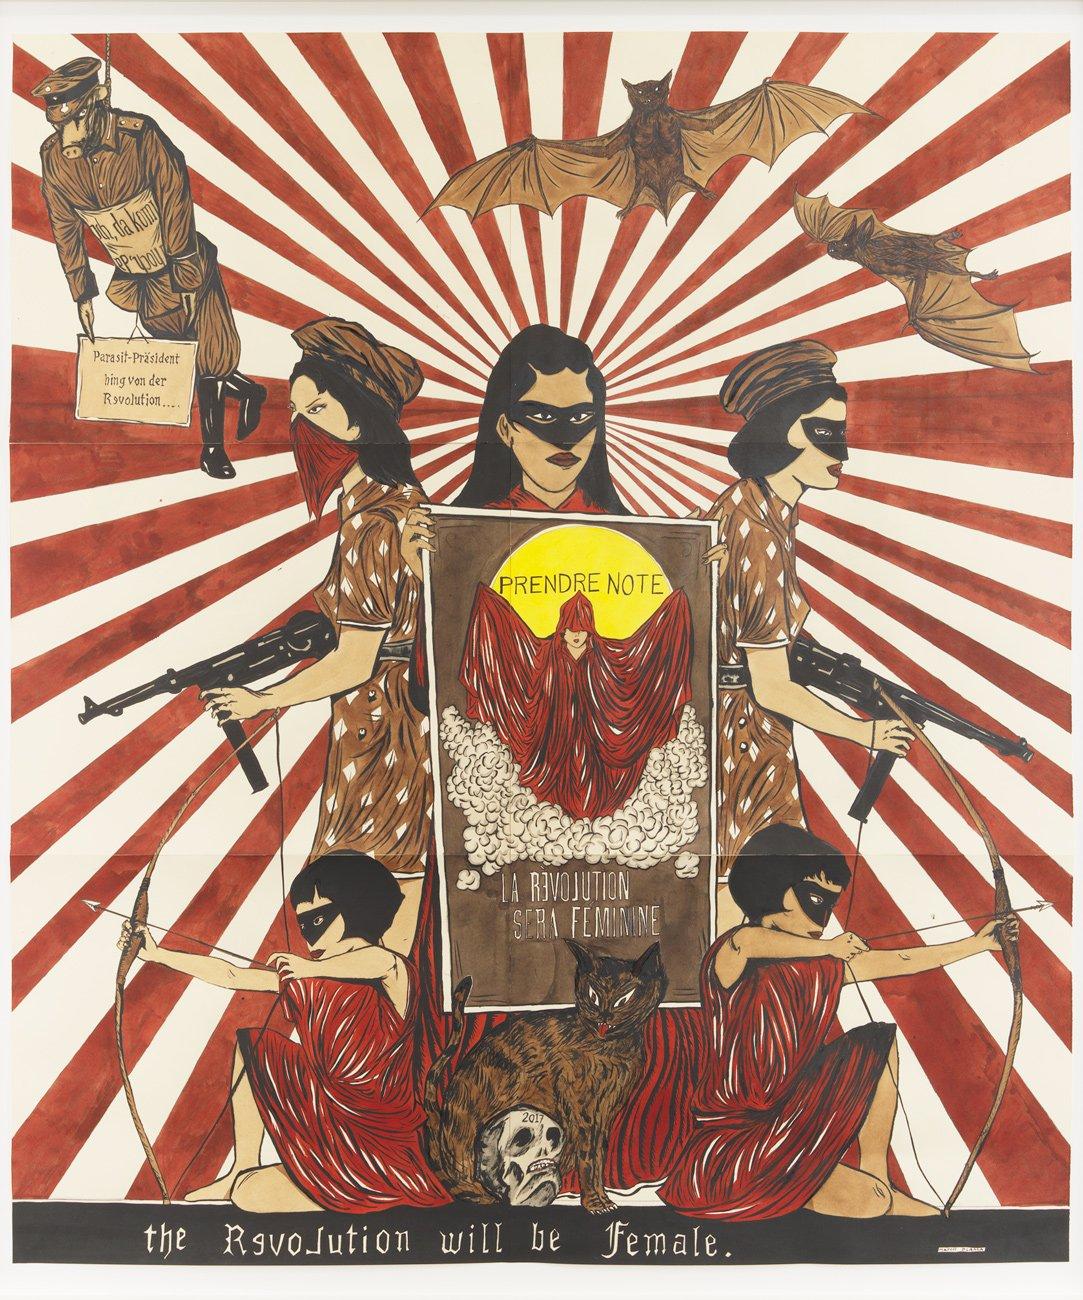 La révolution sera féminine